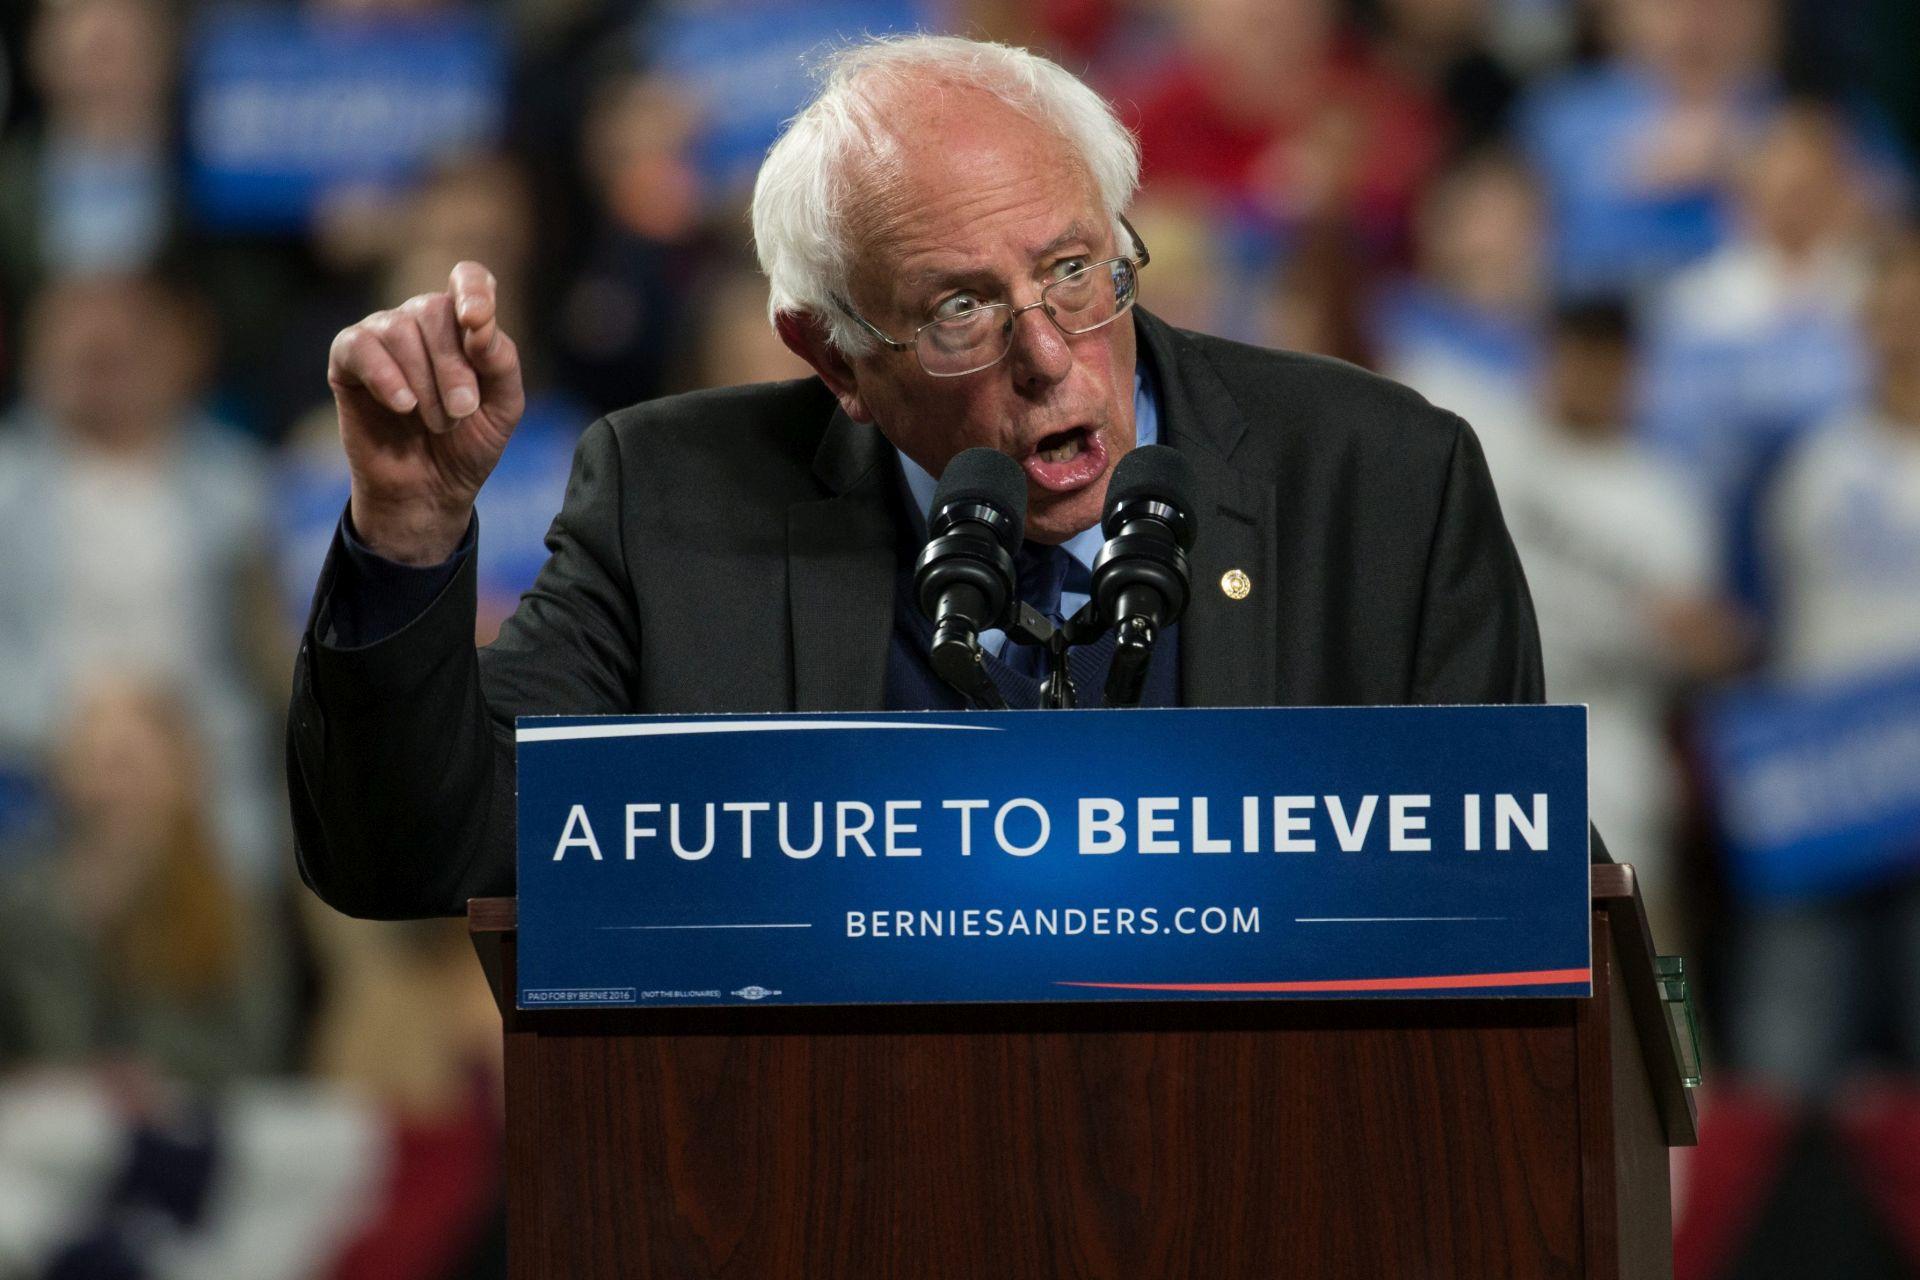 IZBORI: Bernie Sanders pobijedio Hillary Clinton u Zapadnoj Virginiji